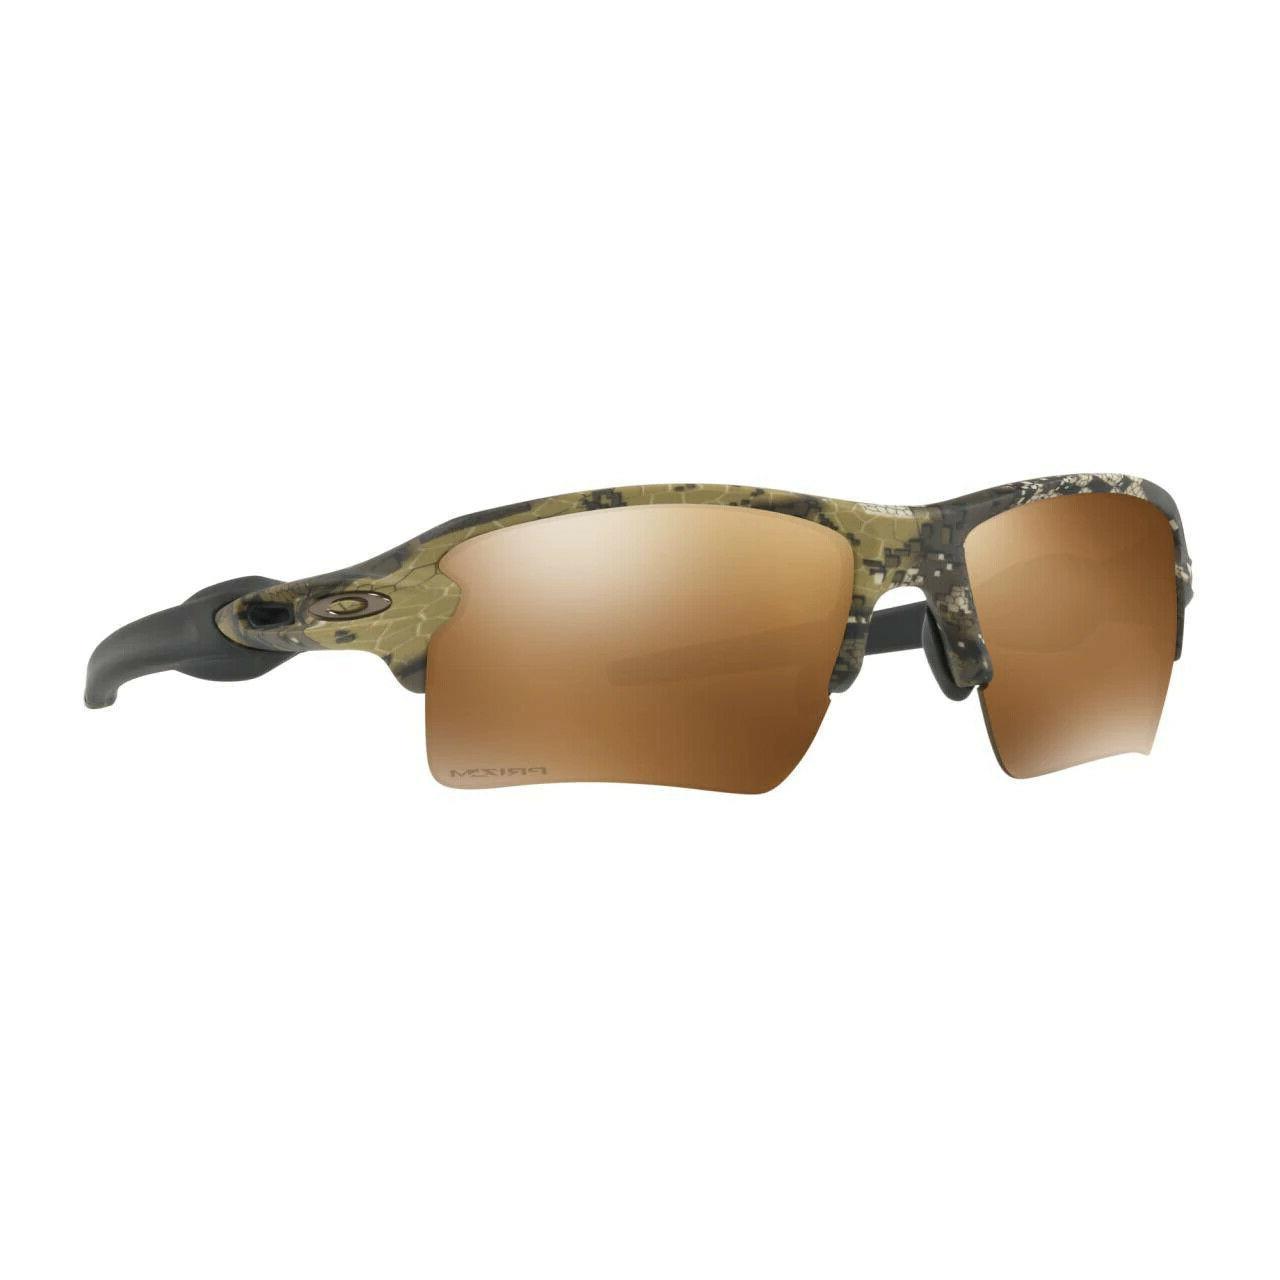 Oakley Sunglasses FLAK 2.0 XL DESOLVE BARE /PRIZM TUNGSTEN P